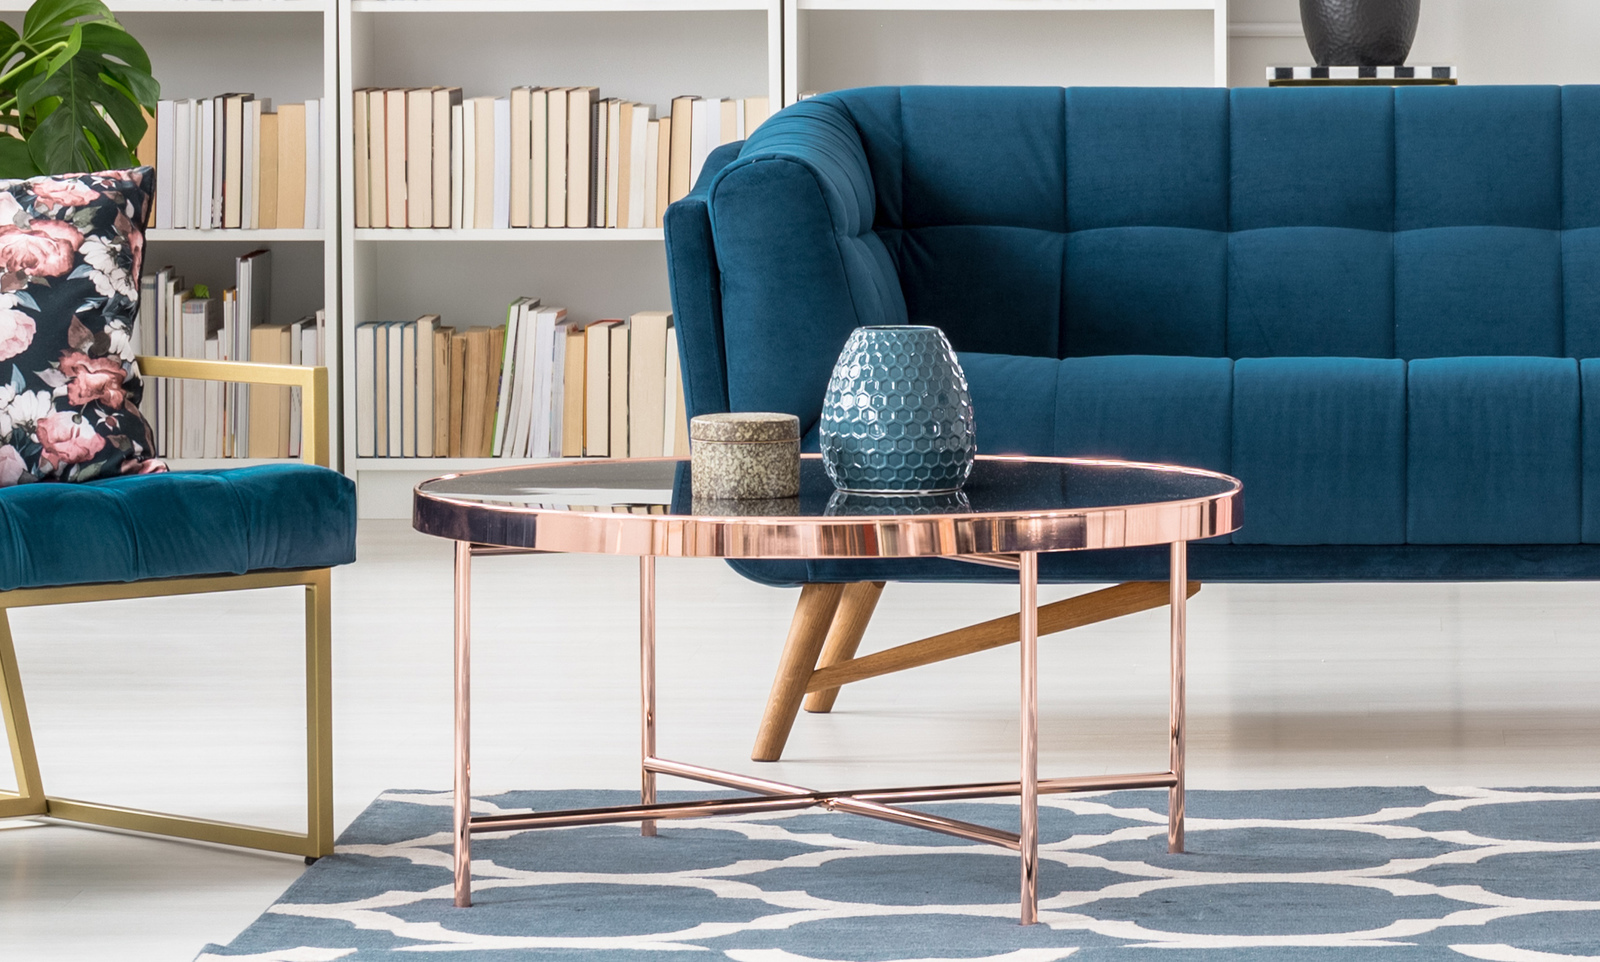 Trendige Möbel zu attraktiven Preisen